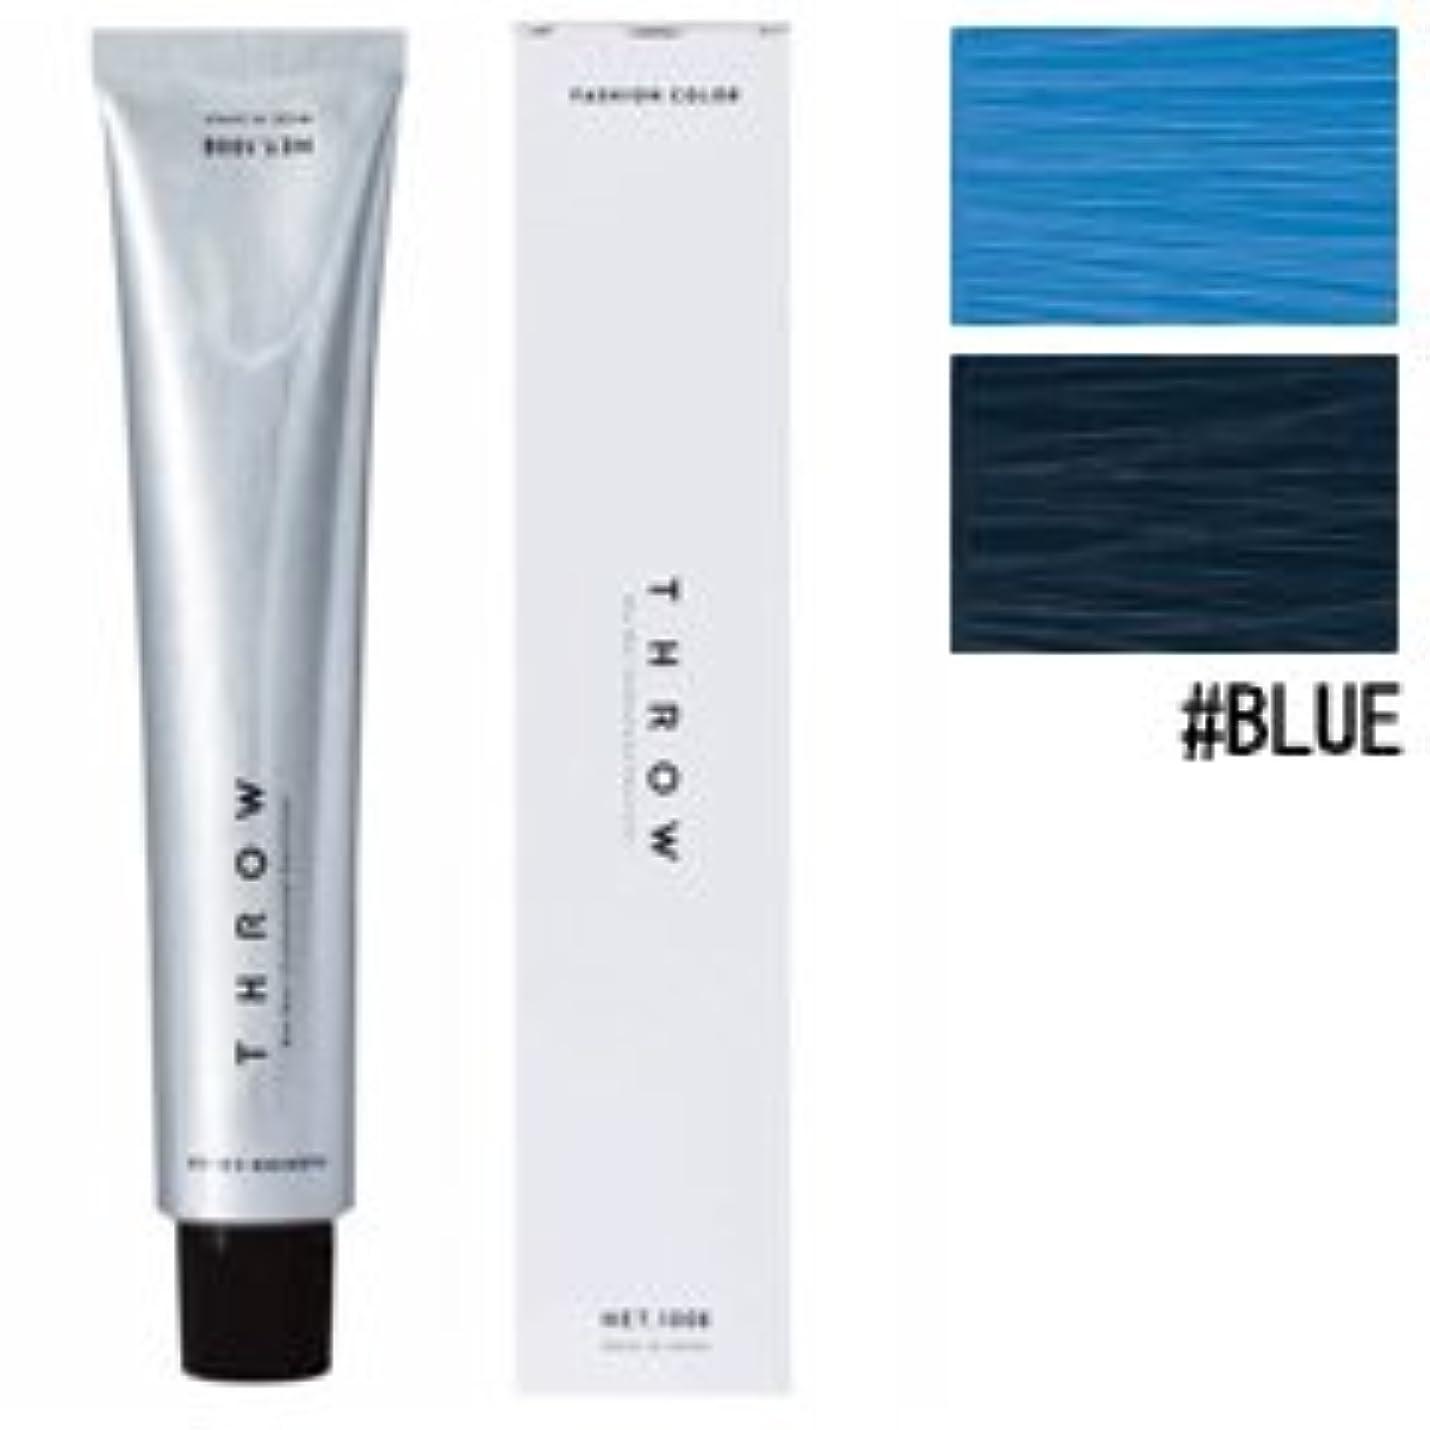 民族主義シート楕円形【モルトベーネ】スロウ ファッションカラー #BLUE 100g